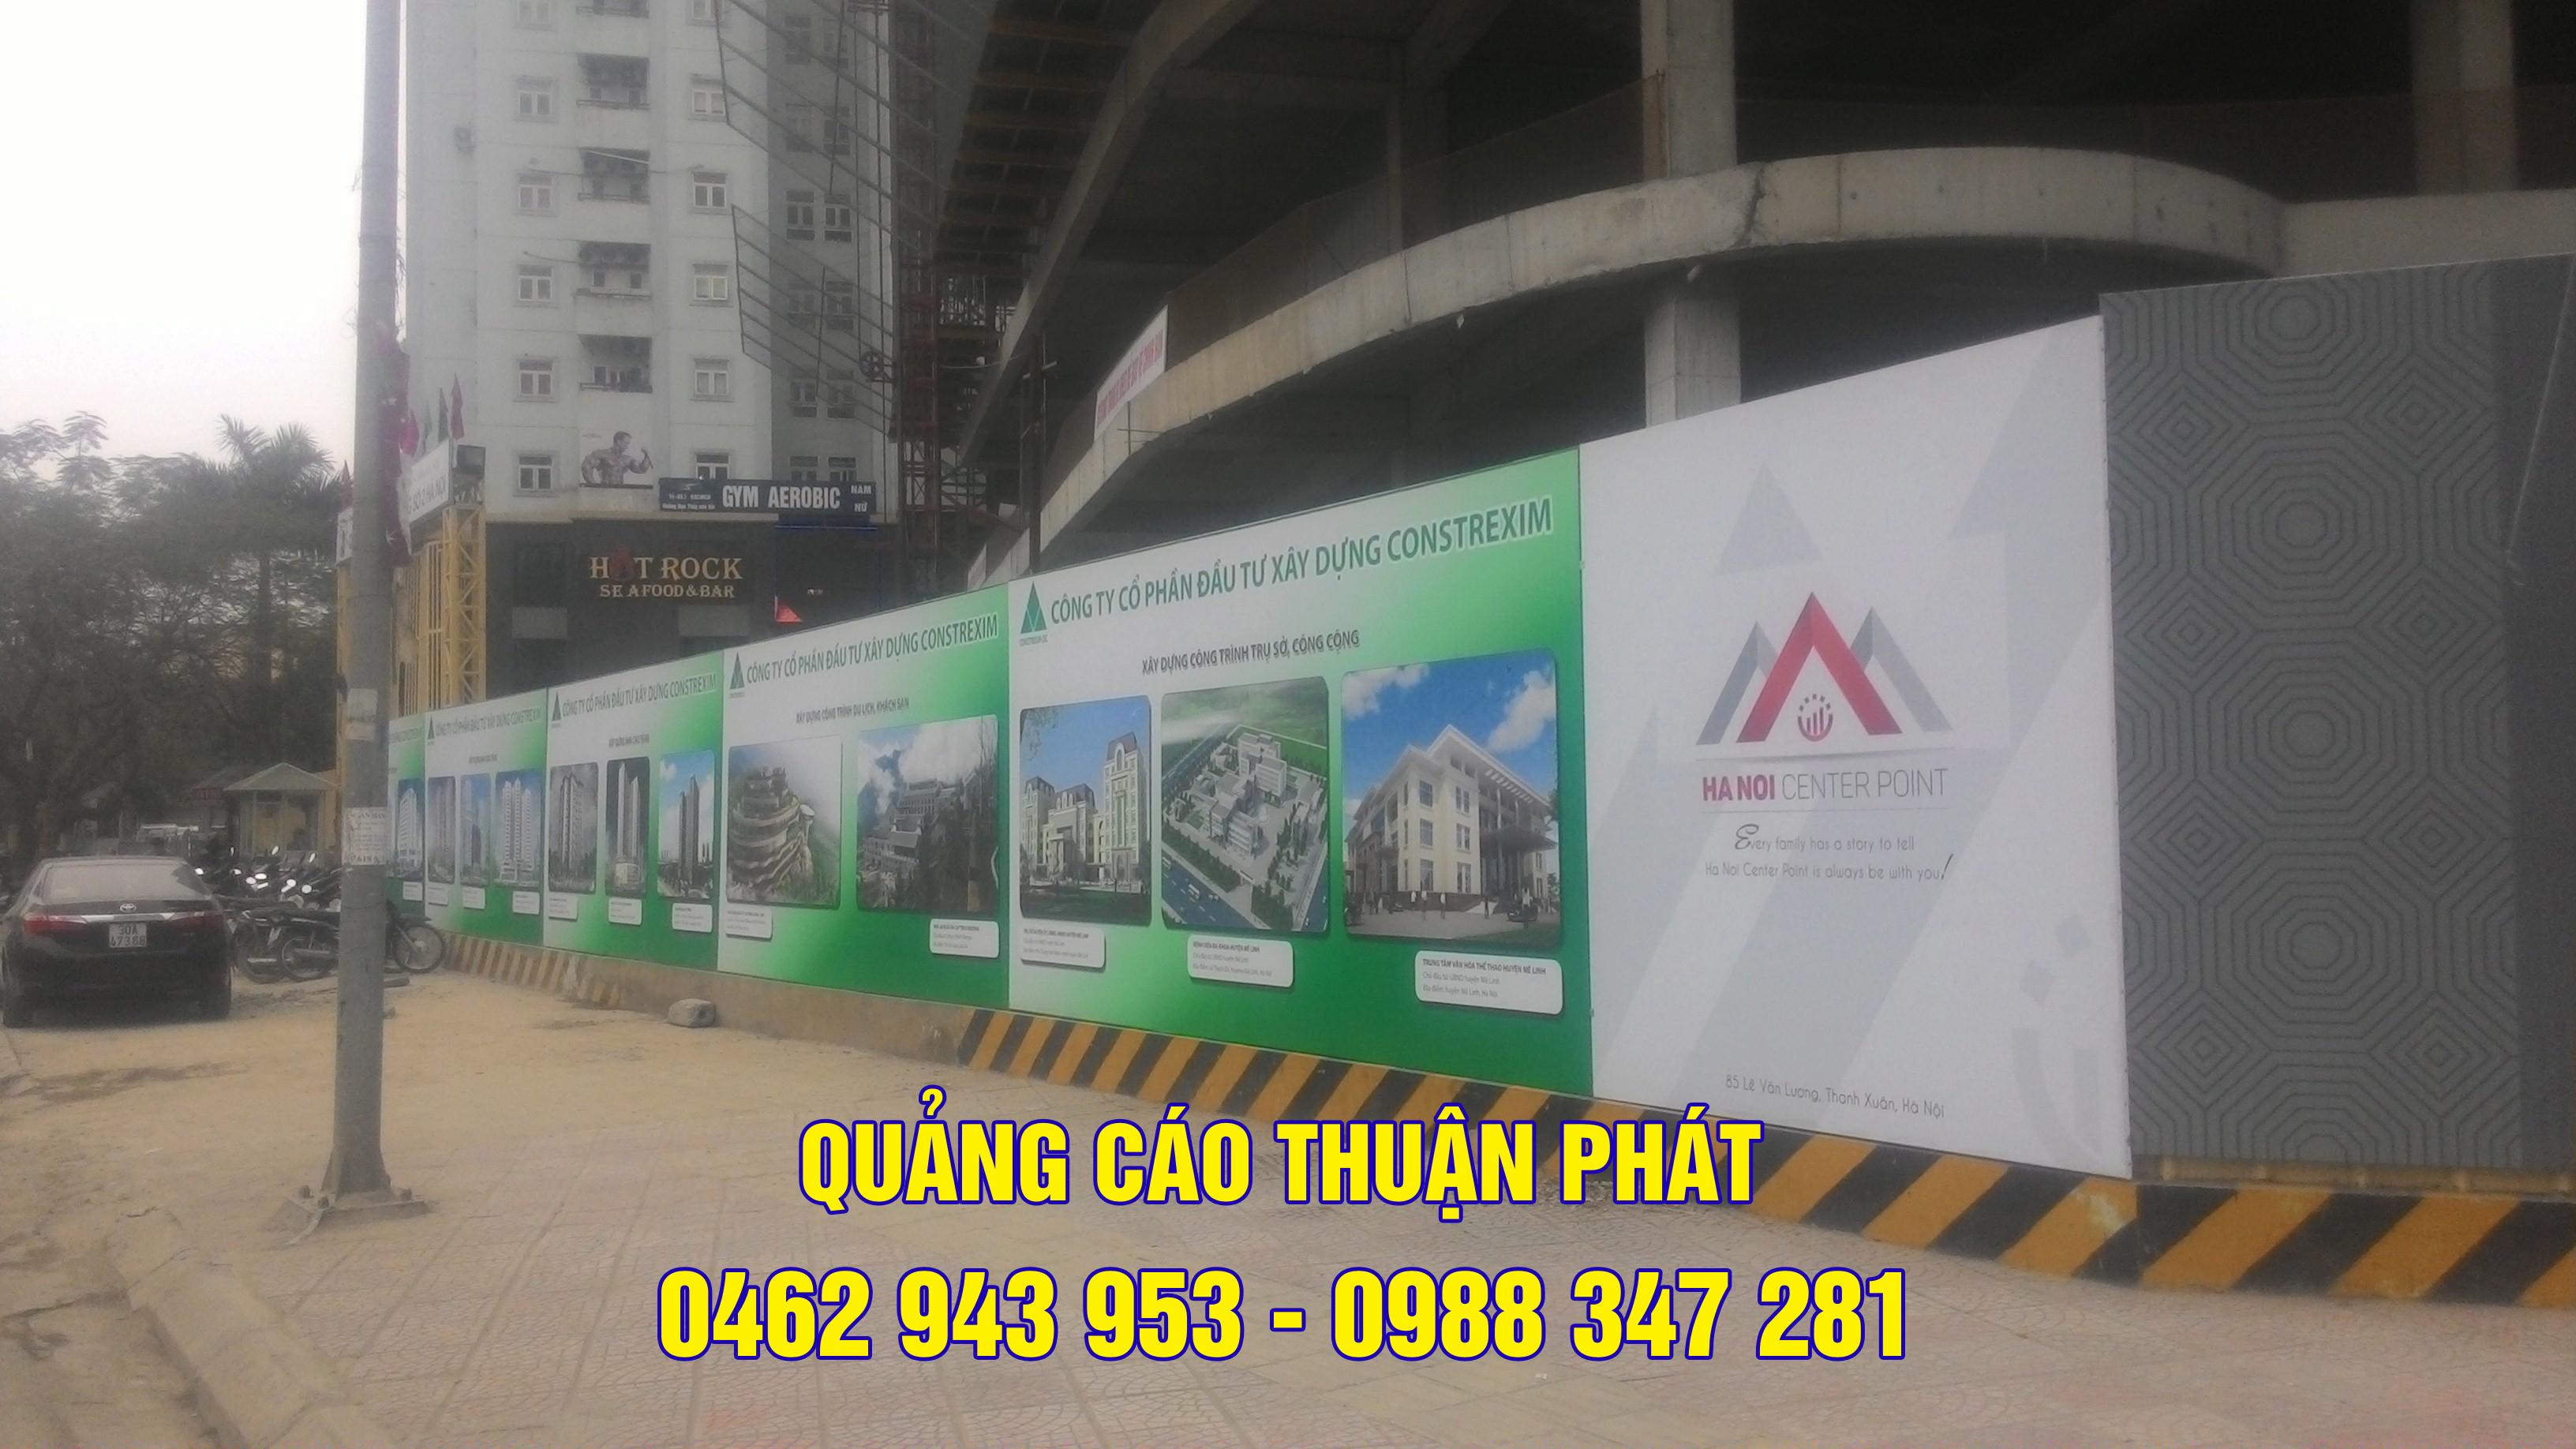 Thi công bảng hiệu quảng cáo ngoài trời kiêm hàng rào công trình xây dựng